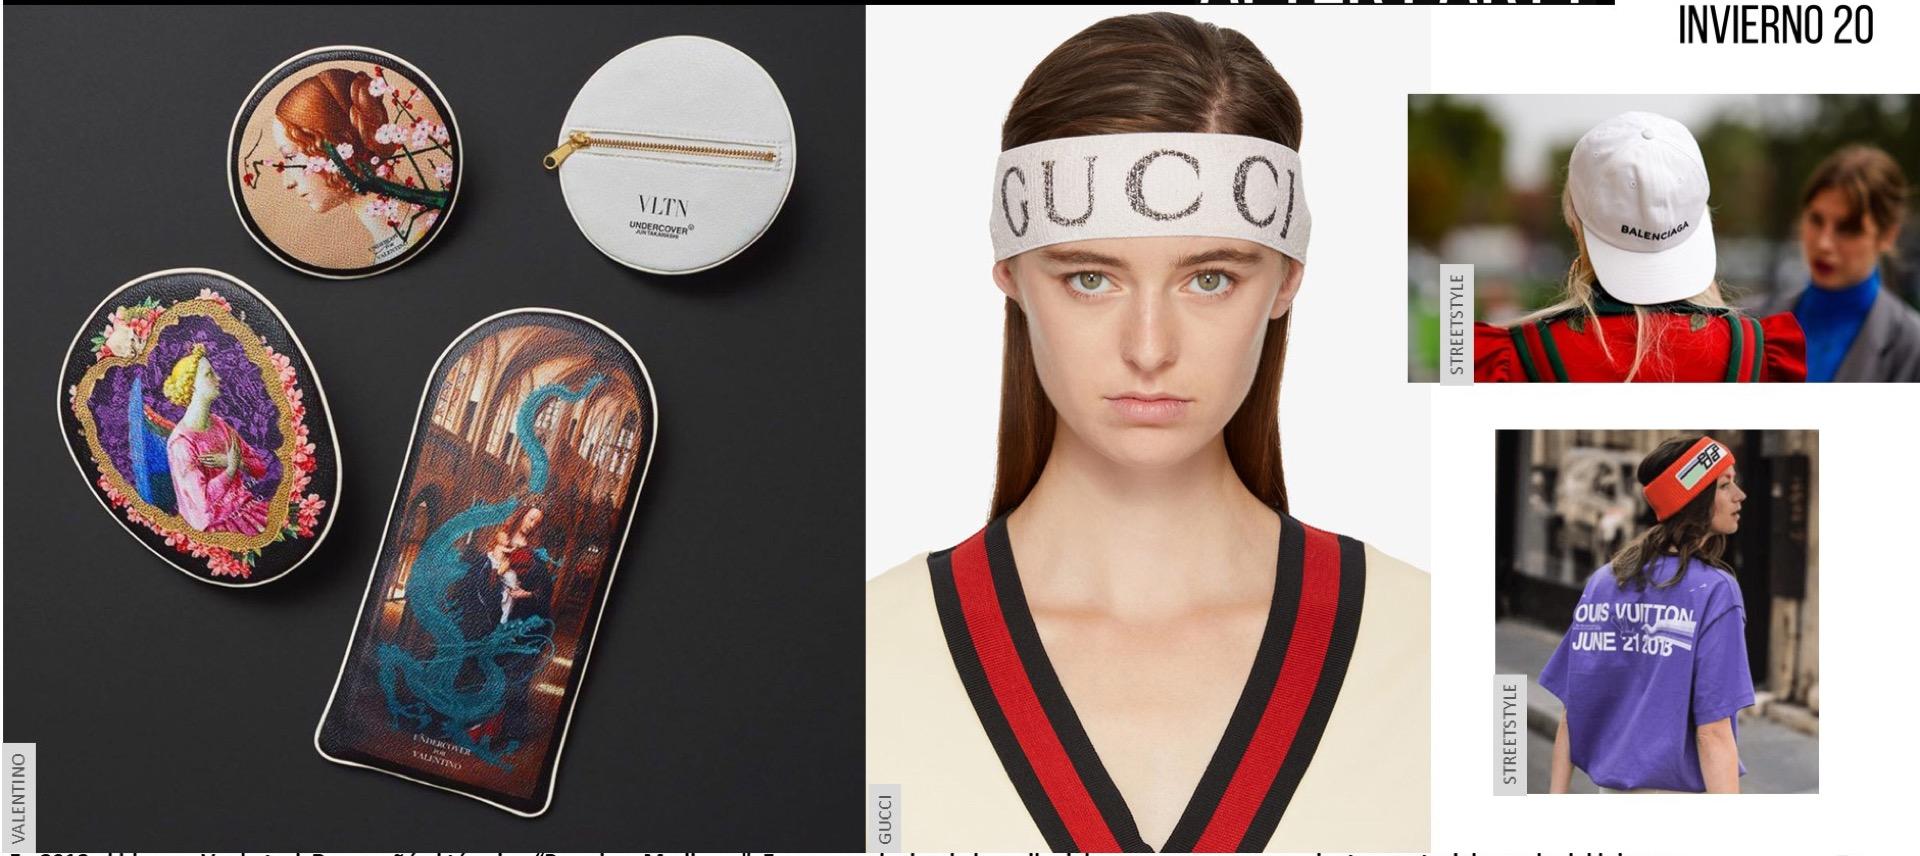 Capas sobre capas, satinados y excesos, como los accesorios de Gucci inspirados en la obra del artista argentino Eduardo Costa, Camp trend .